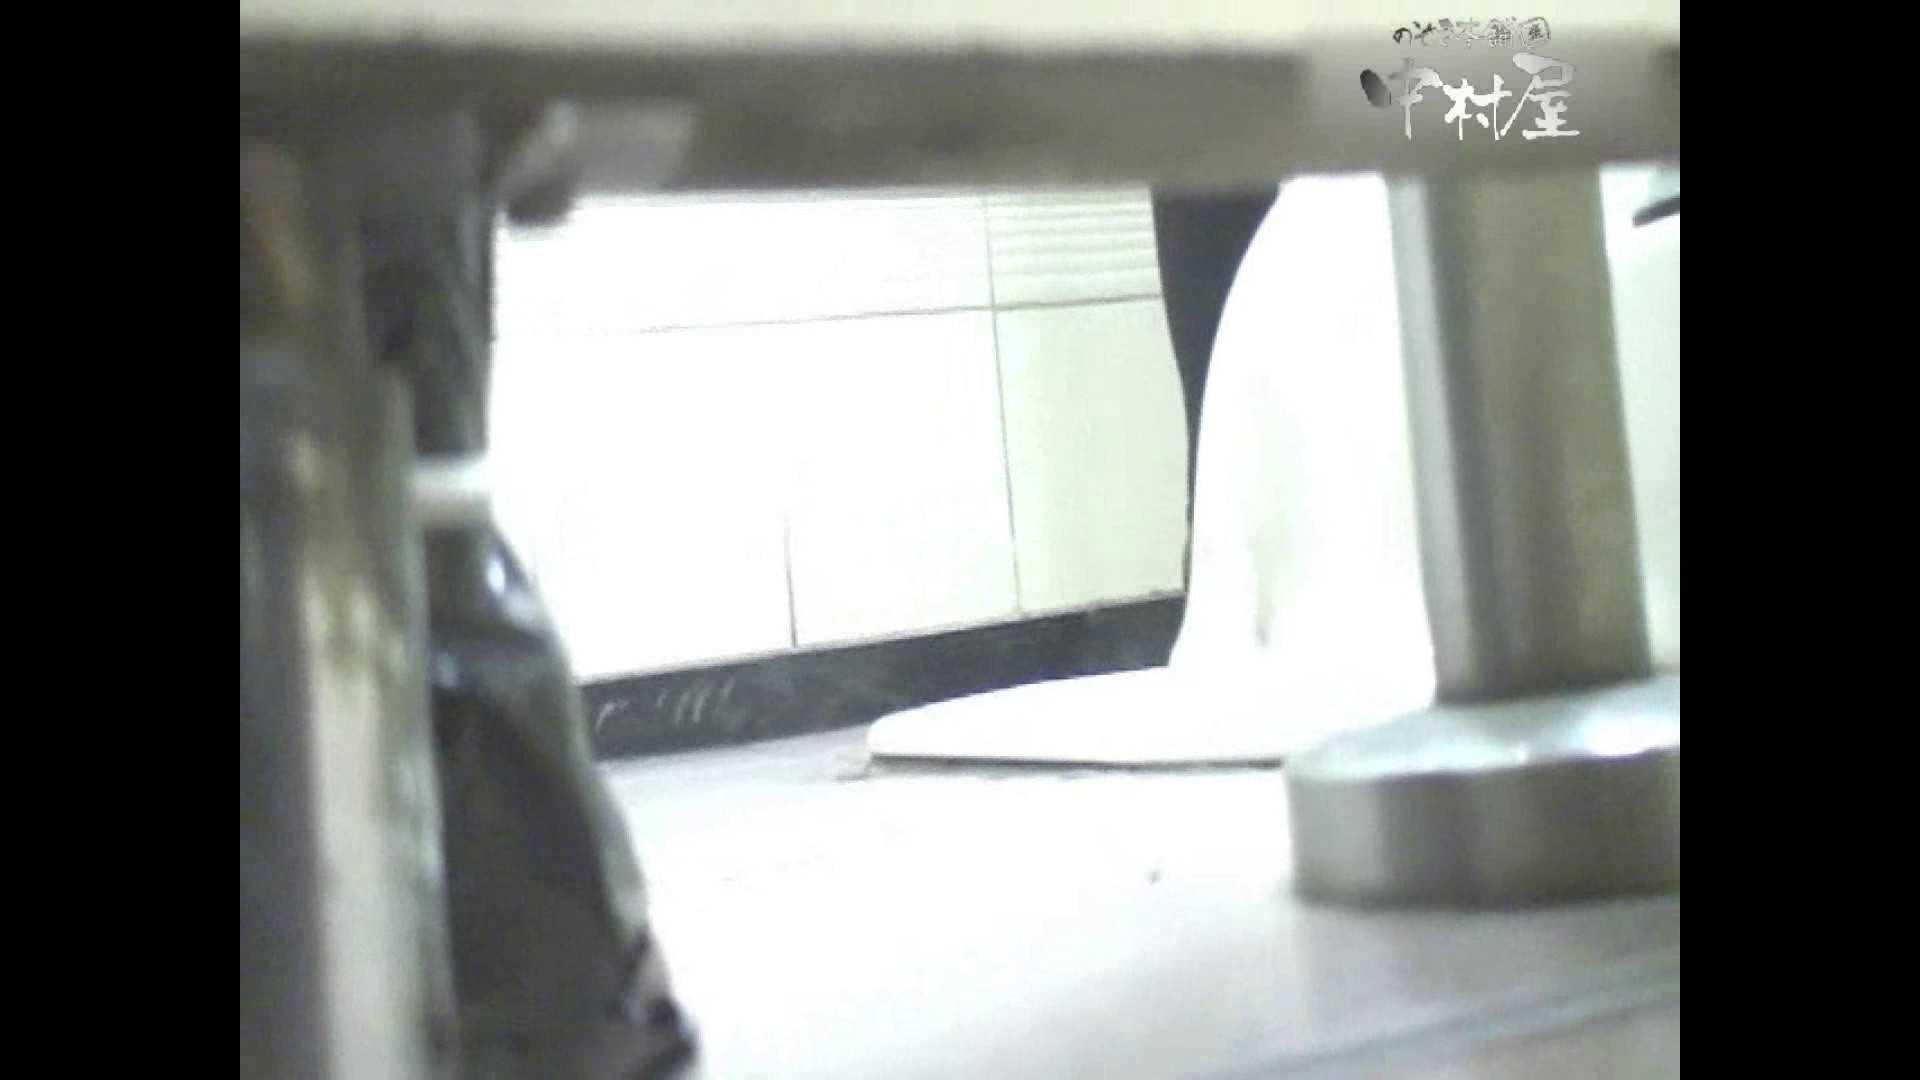 岩手県在住盗撮師盗撮記録vol.27 OLのエロ生活  82連発 54